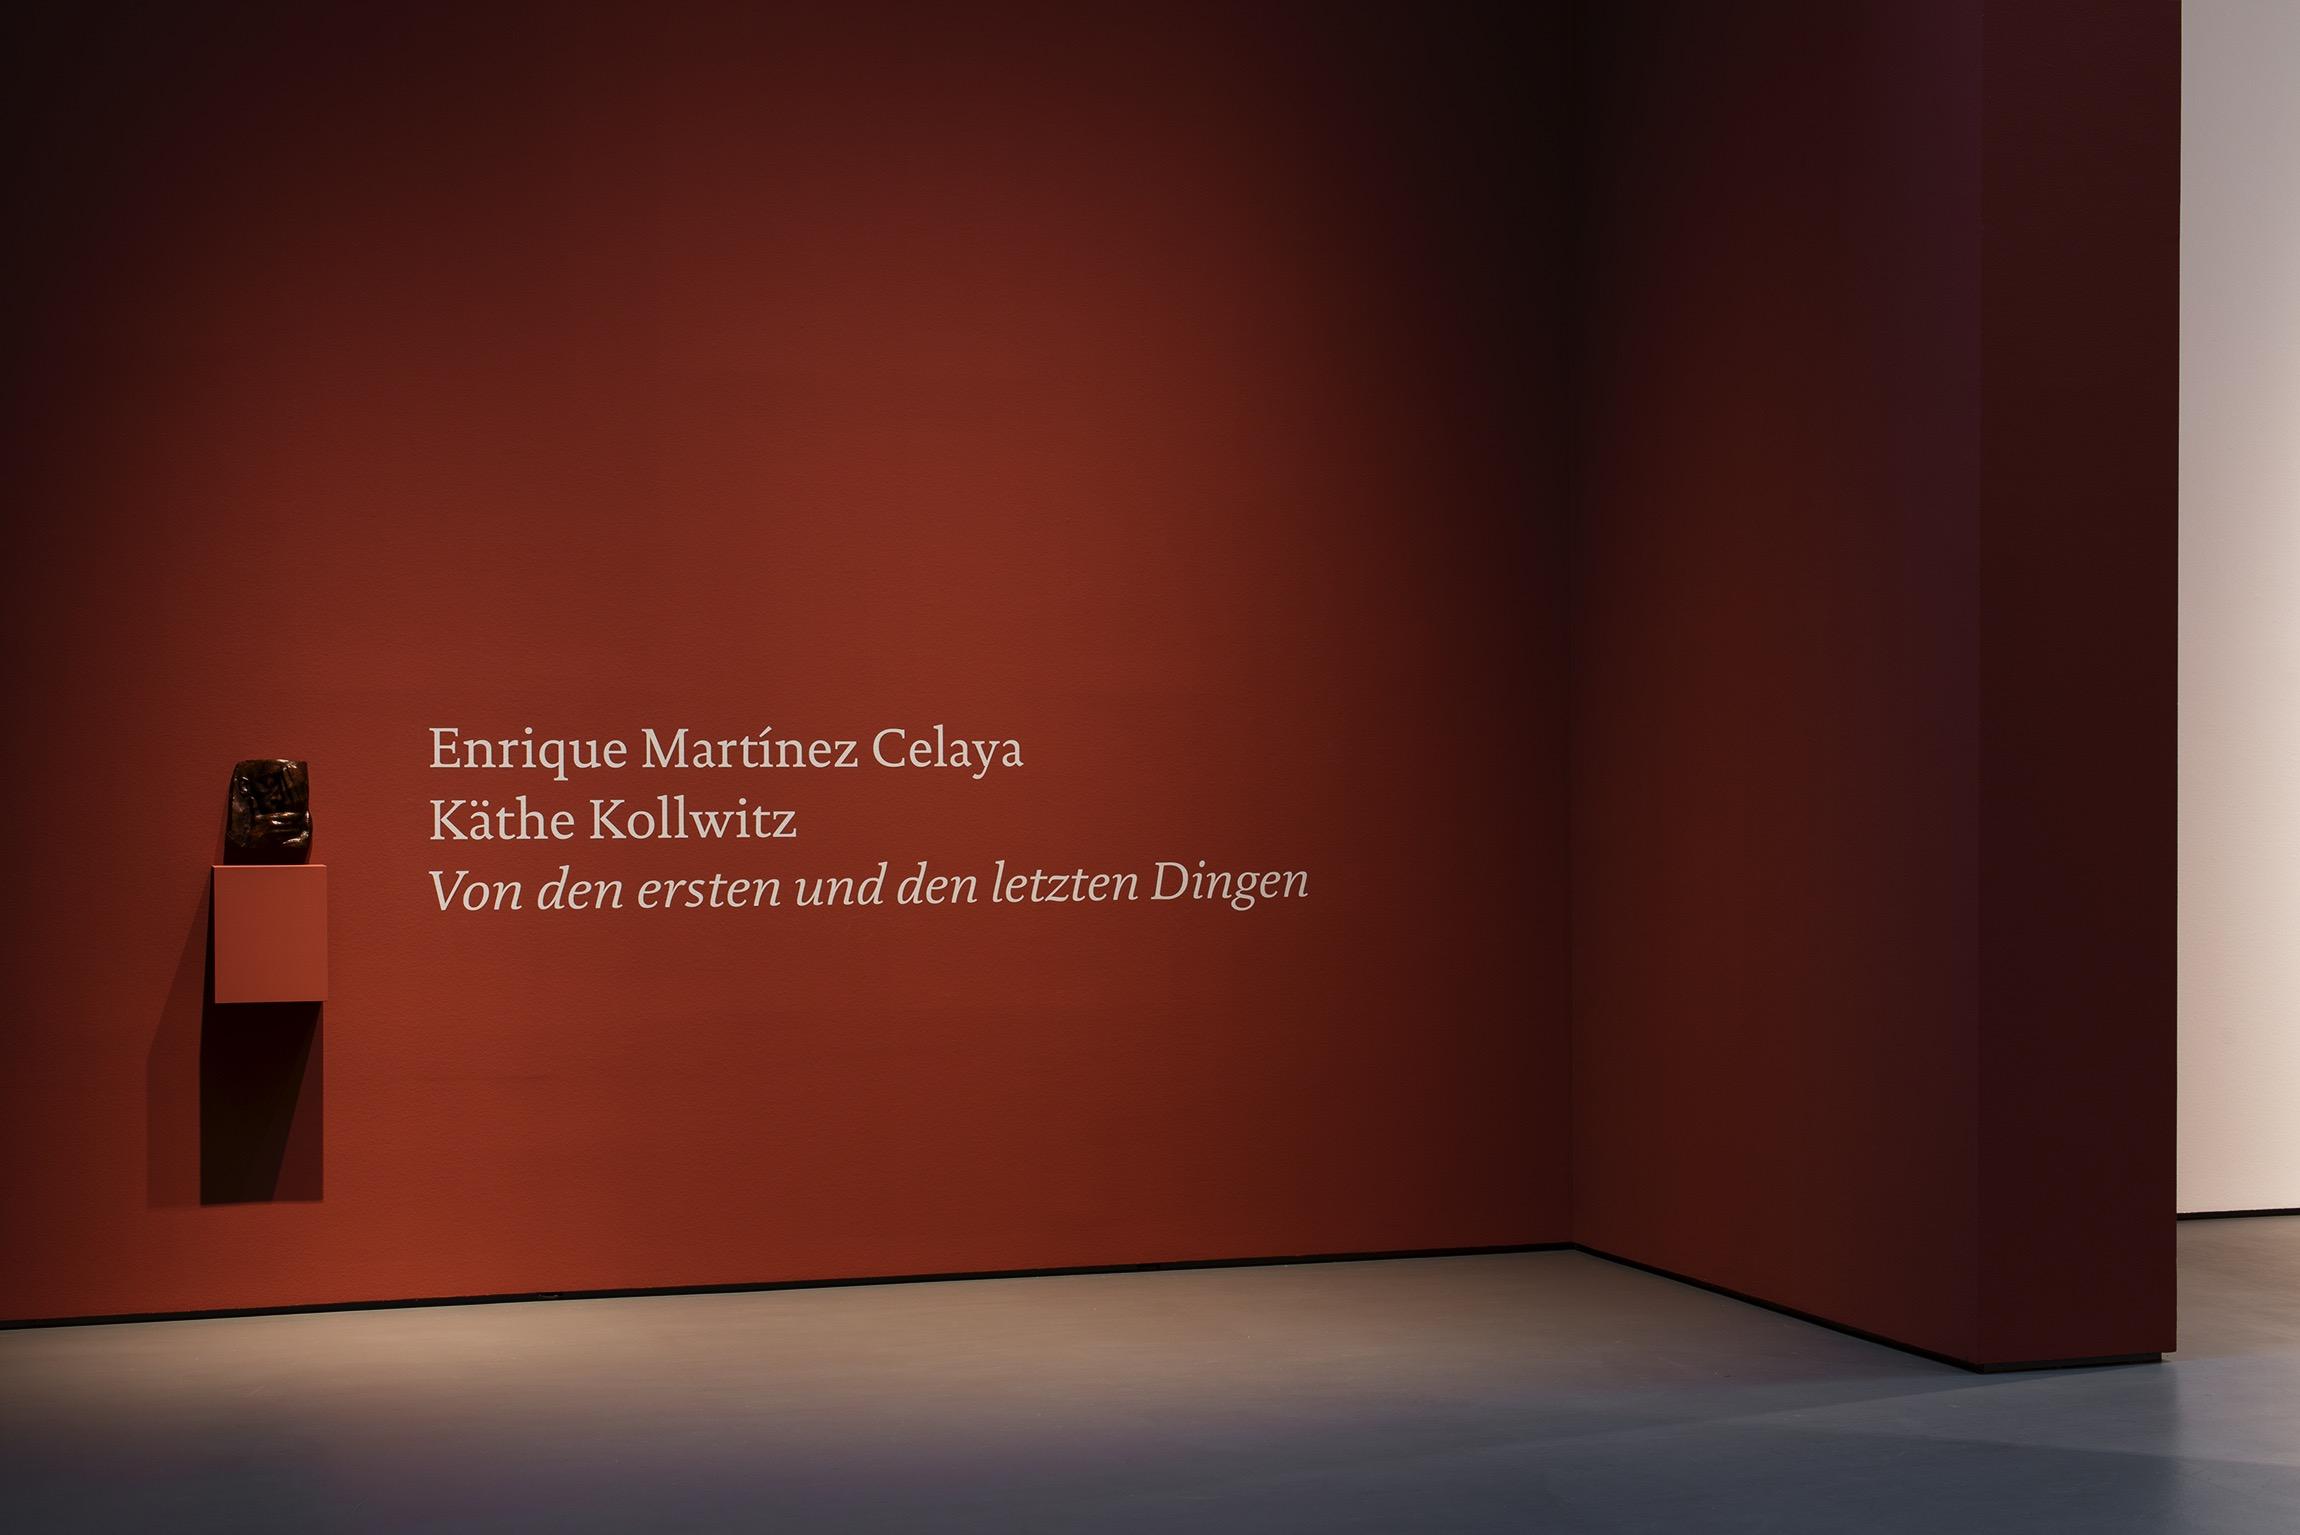 2021 Enrique Martínez Celaya, Käthe Kollwitz Von den ersten und den letzten Dingen